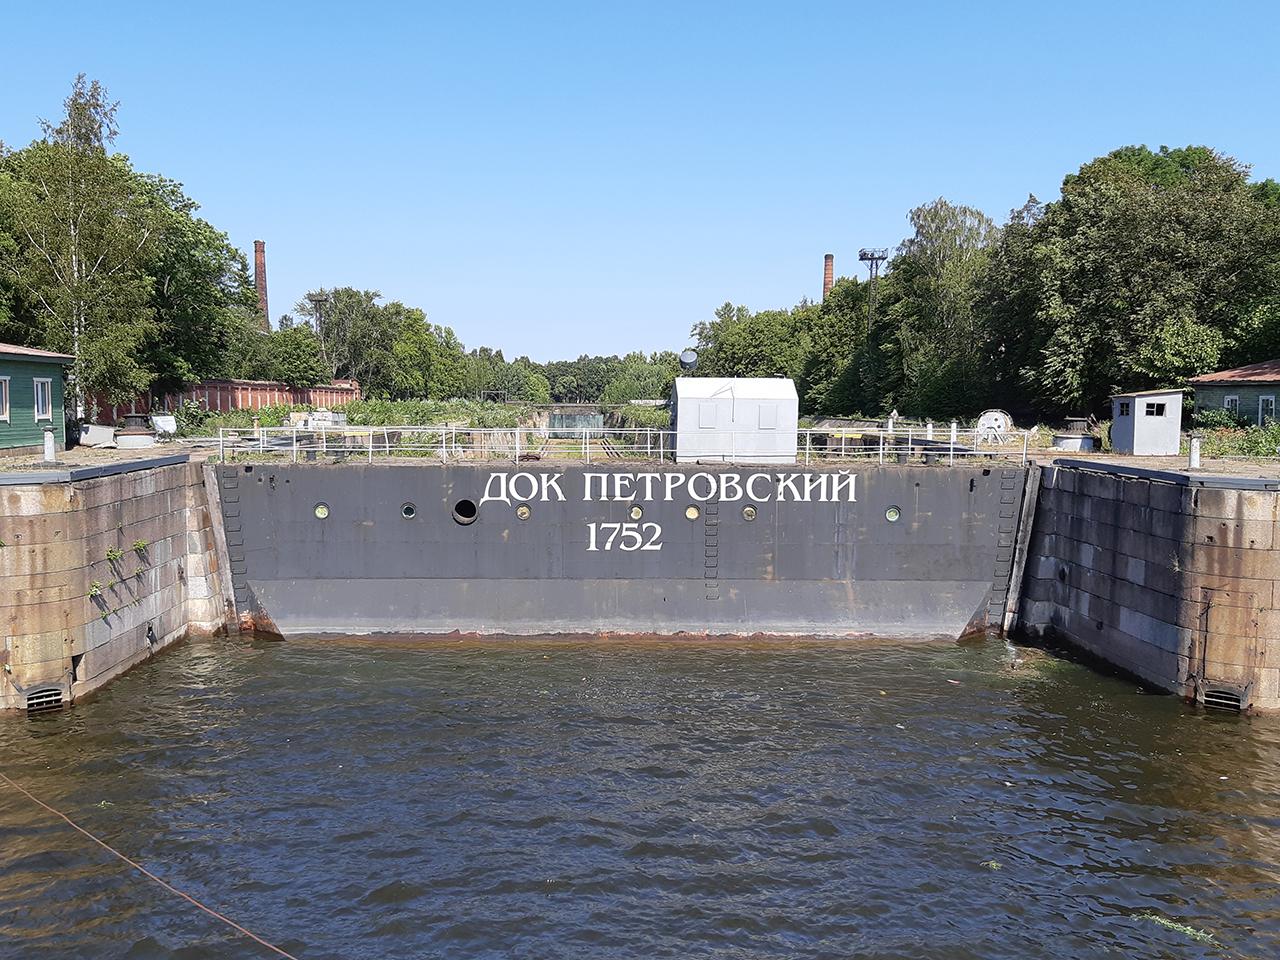 Петровский док - грандиозное гидротехническое сооружение построенное в 1719-1752 гг. для ремонта и строительства кораблей.